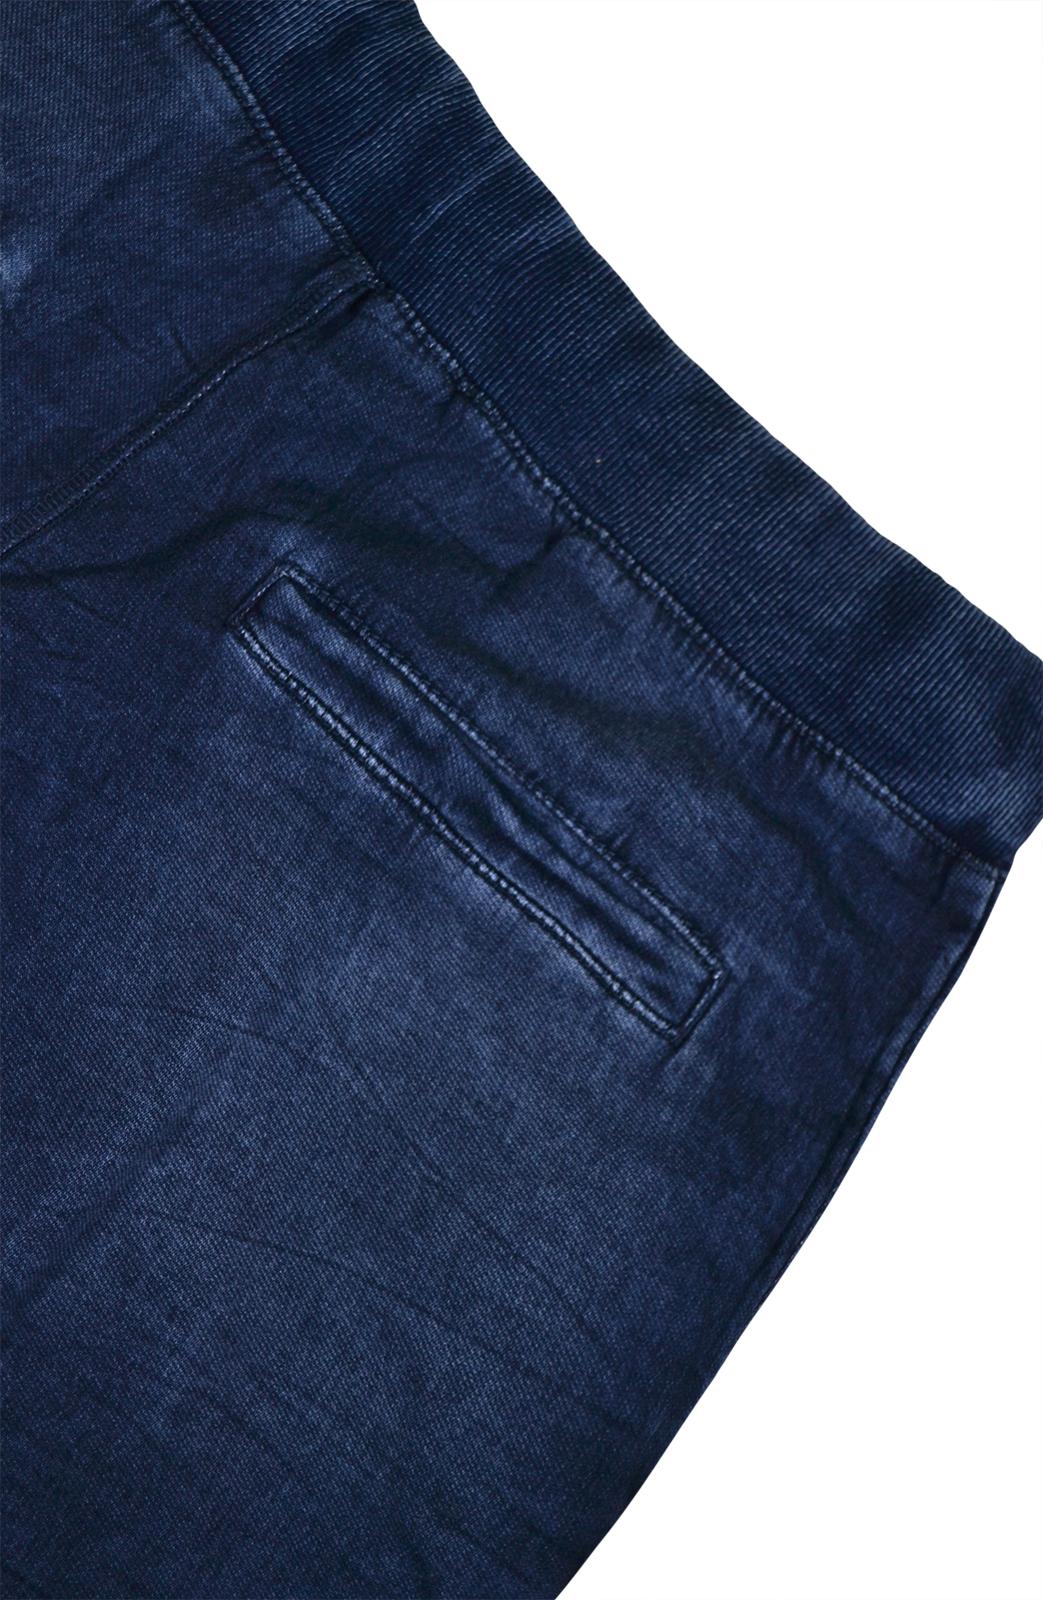 Pantalones Cortos Para Hombre Zara Jeans Pantalones Cortos Pantalones Cortos Elastizado Casual De Verano Para Hombre Azul Uk S M L Xl Ropa Calzado Y Complementos Aniversario Cozumel Gob Mx